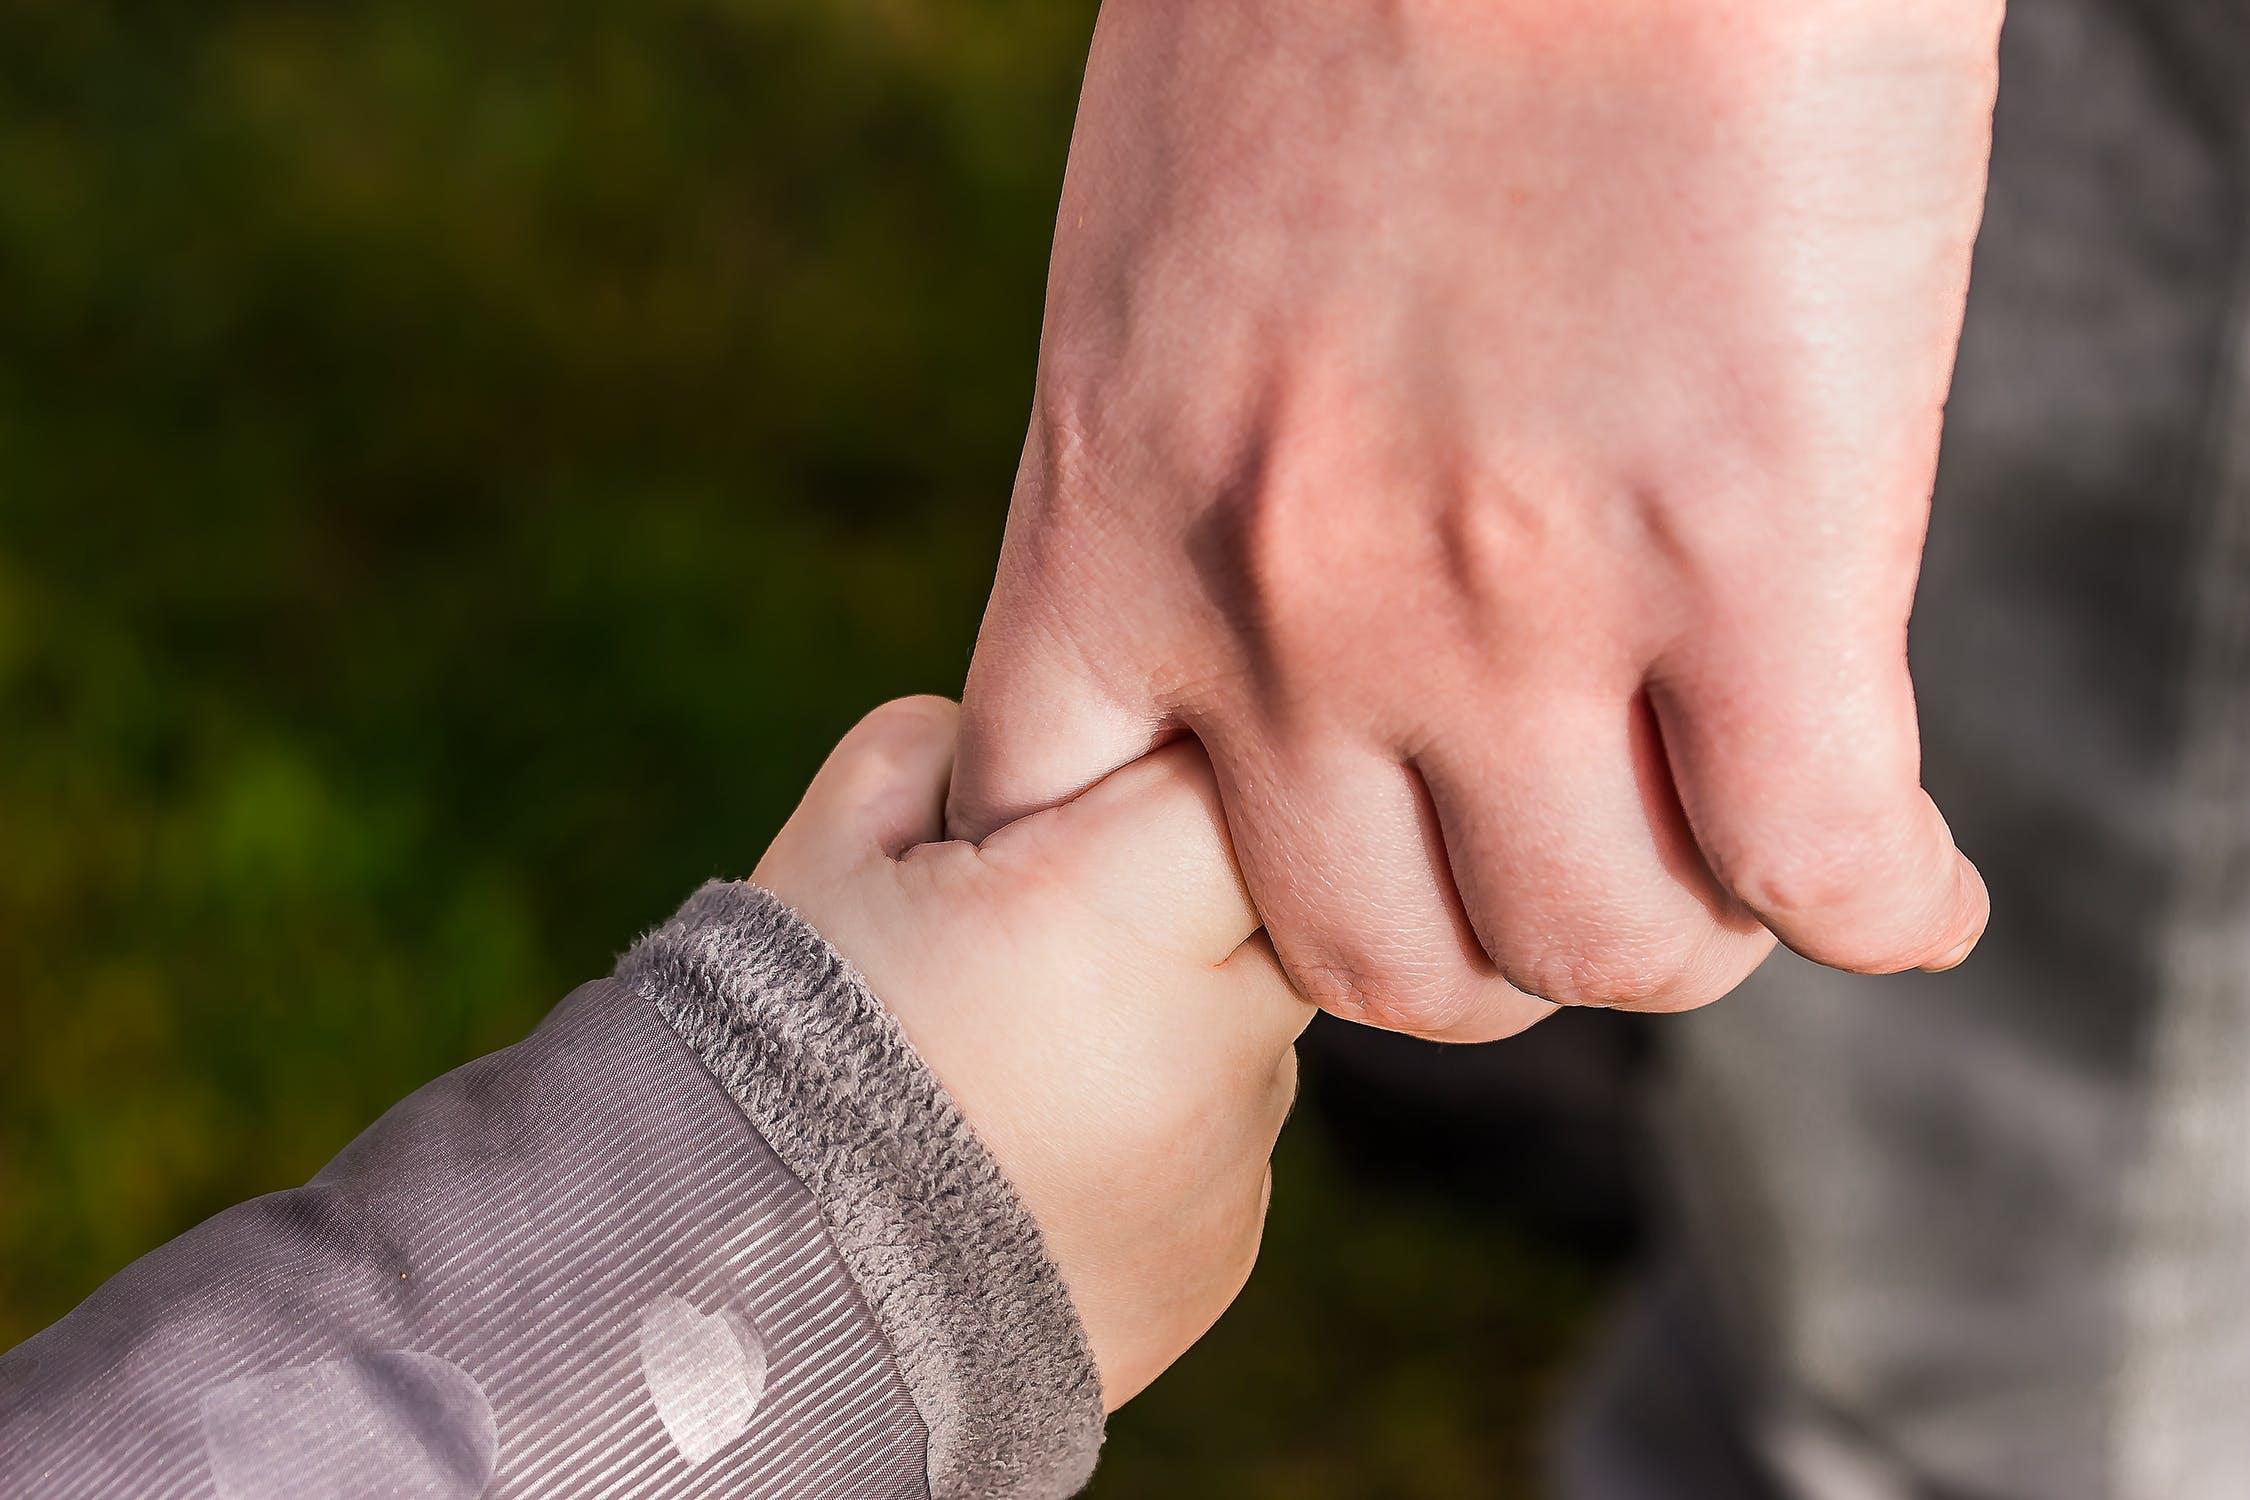 Ouderlijk gezag en wijziging daarvan